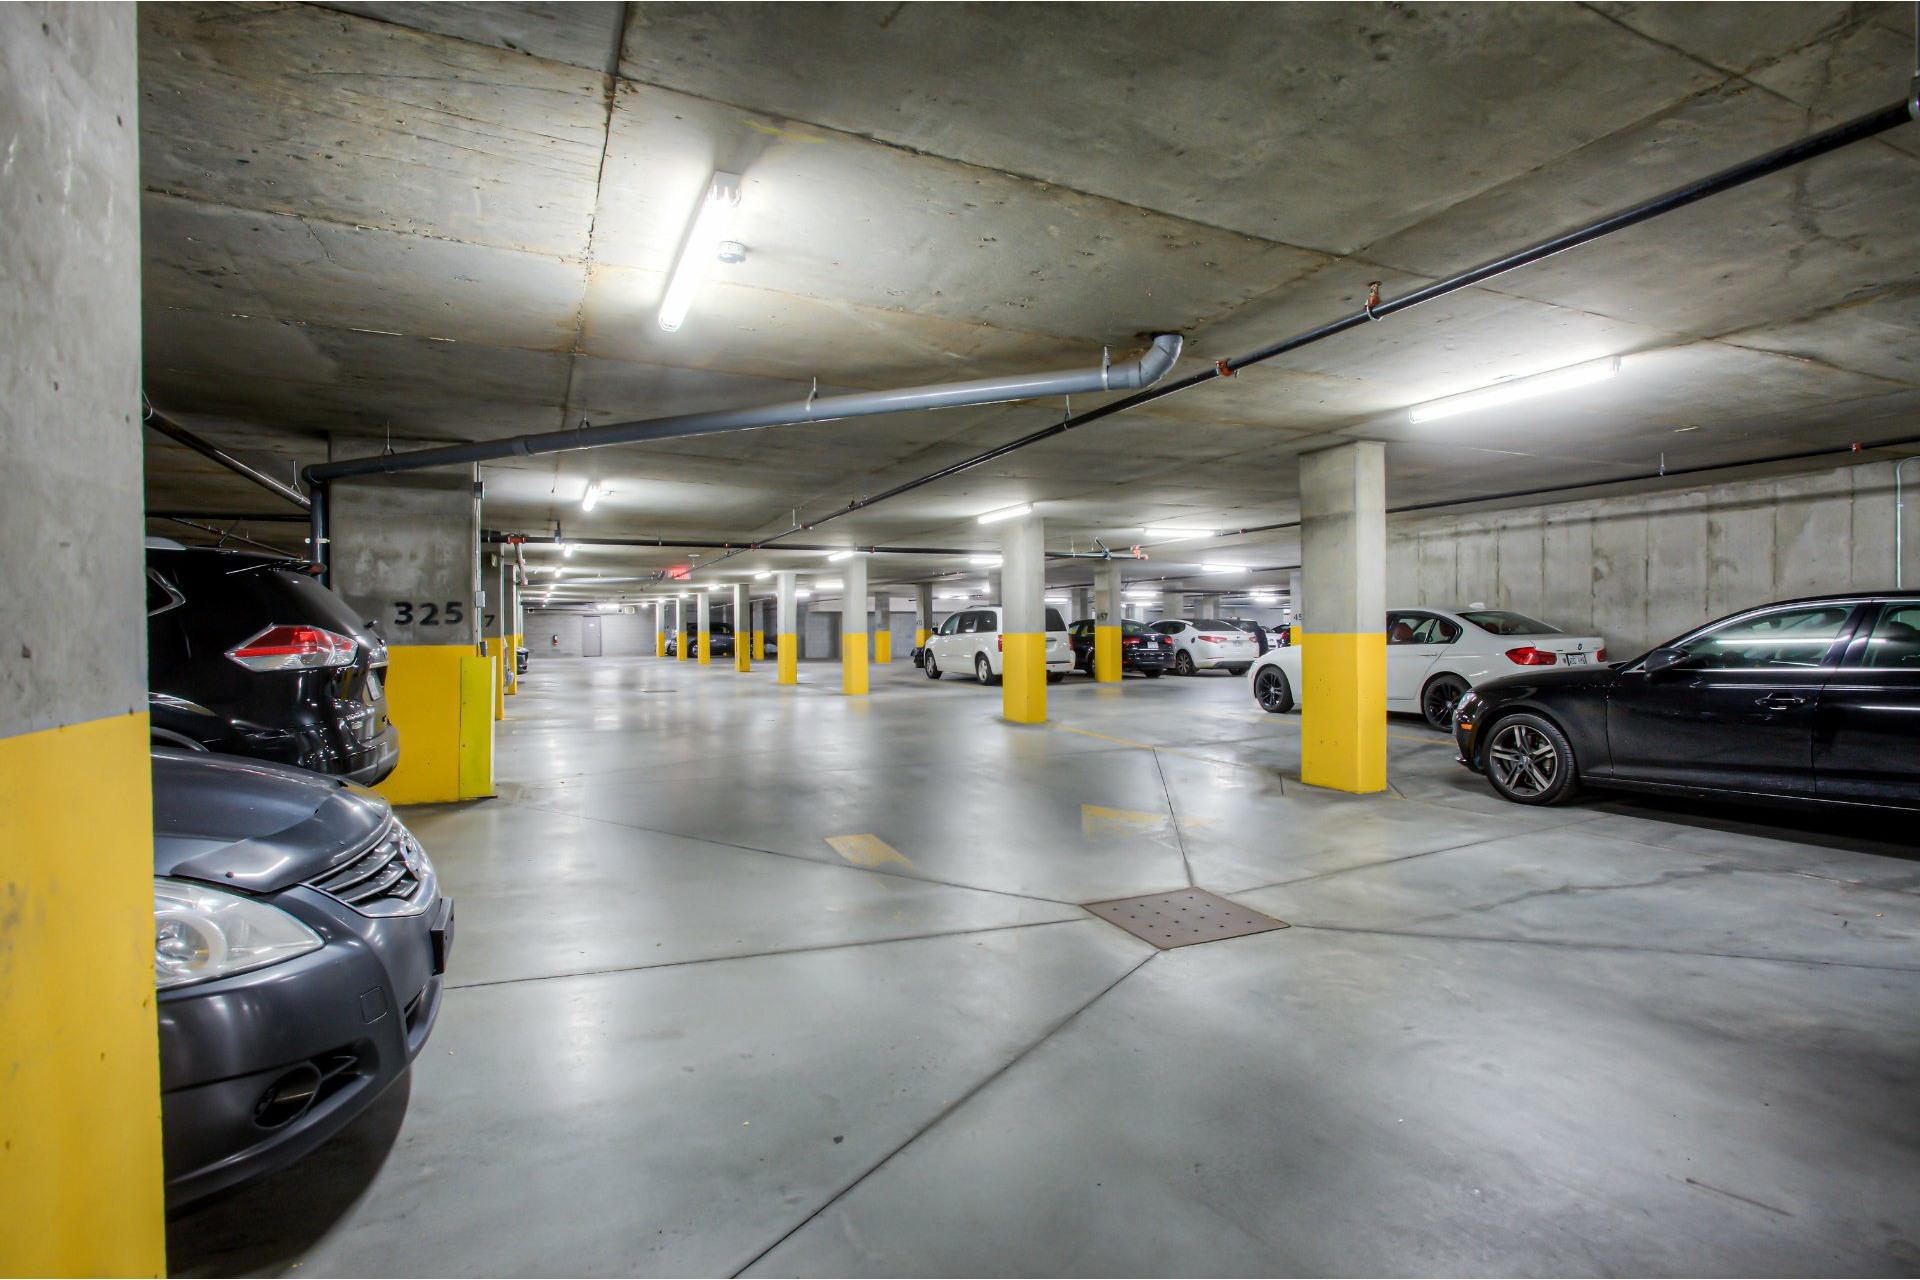 image 20 - Apartment For sale Ahuntsic-Cartierville Montréal  - 5 rooms